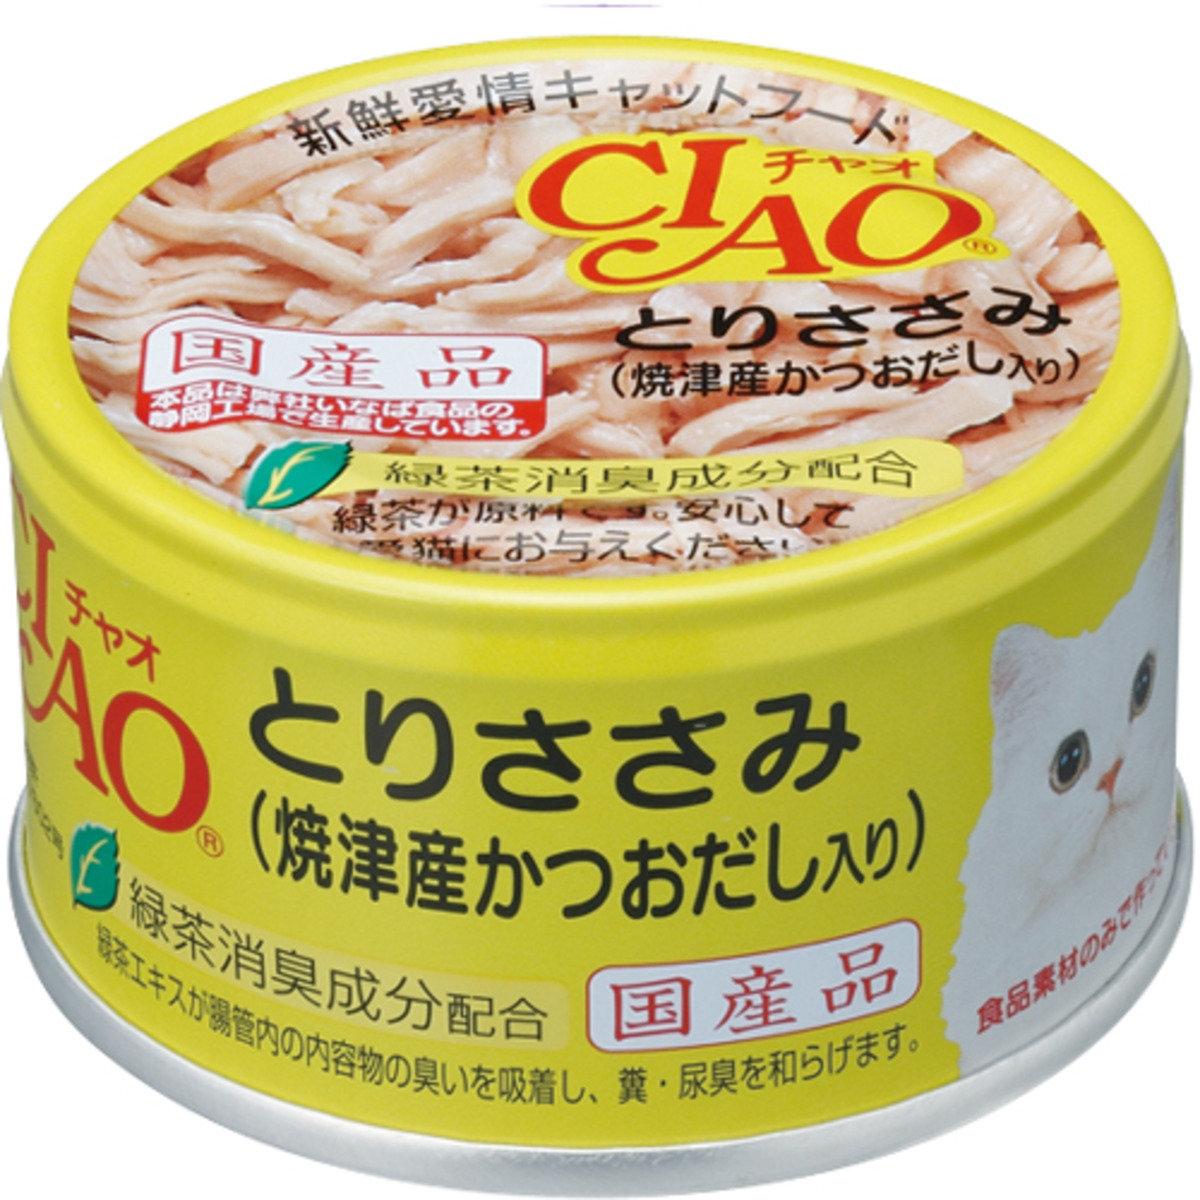 日本CIAO綠茶雞肉 C-60